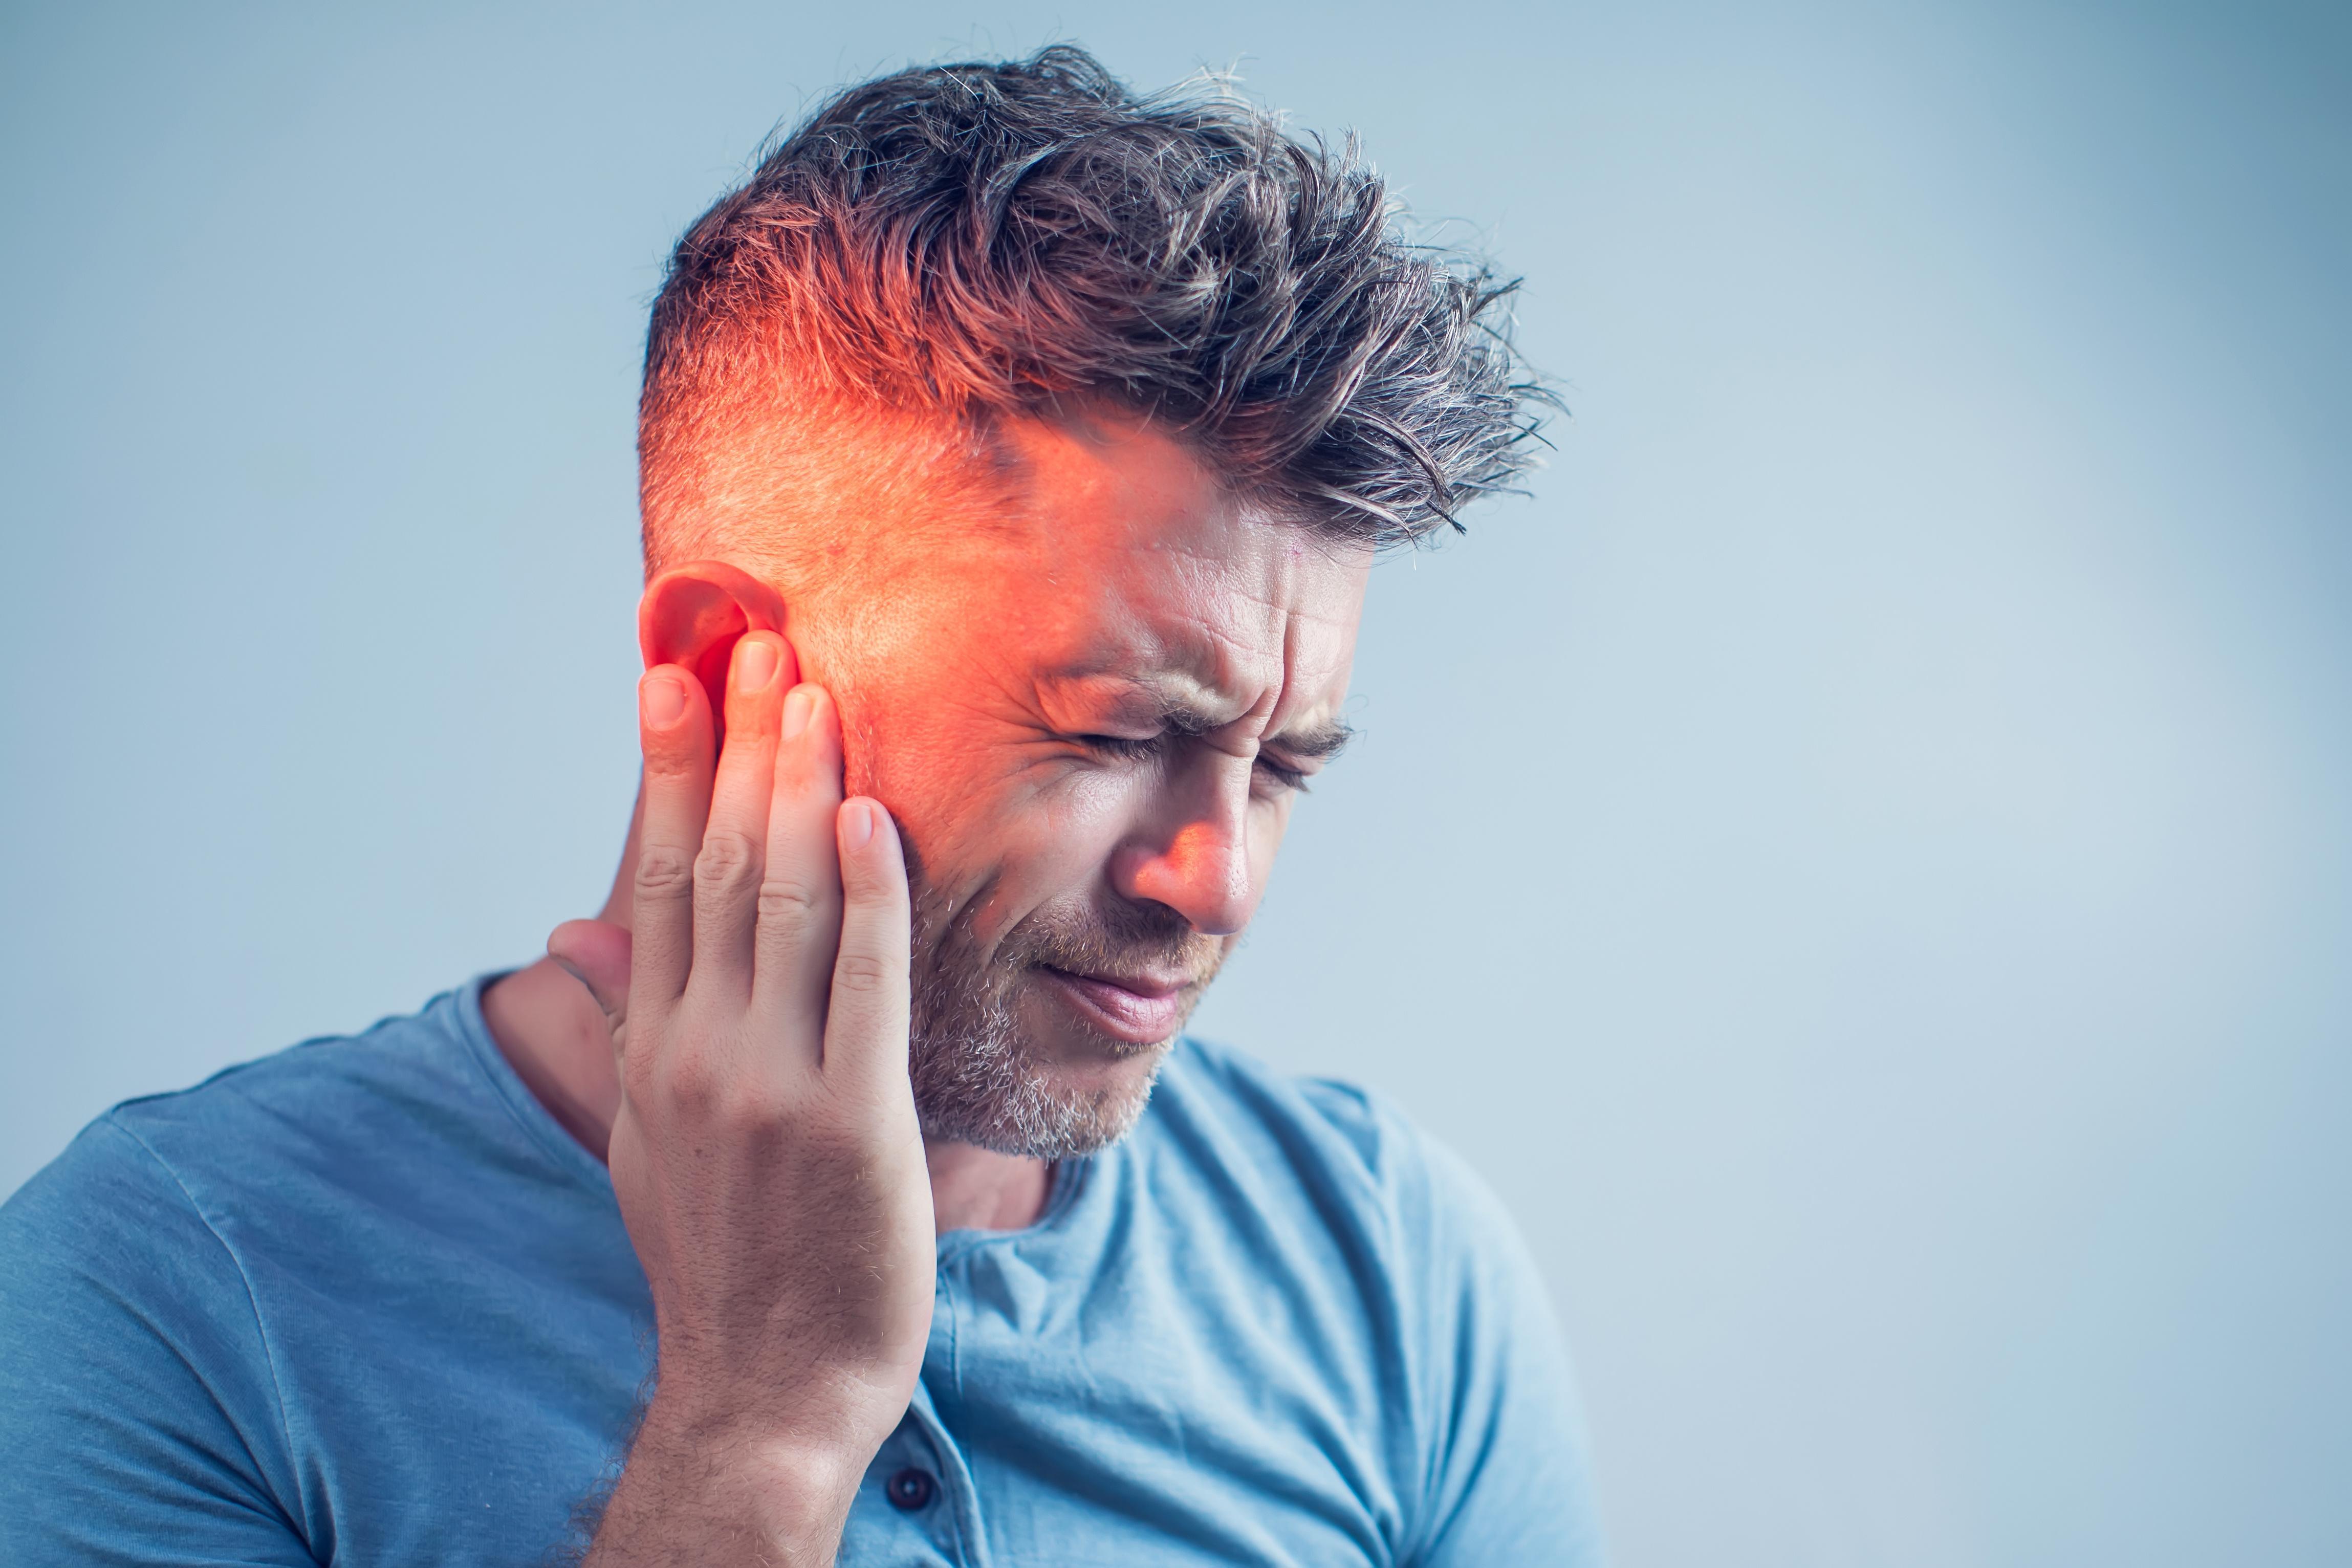 Broken jaw injury claim